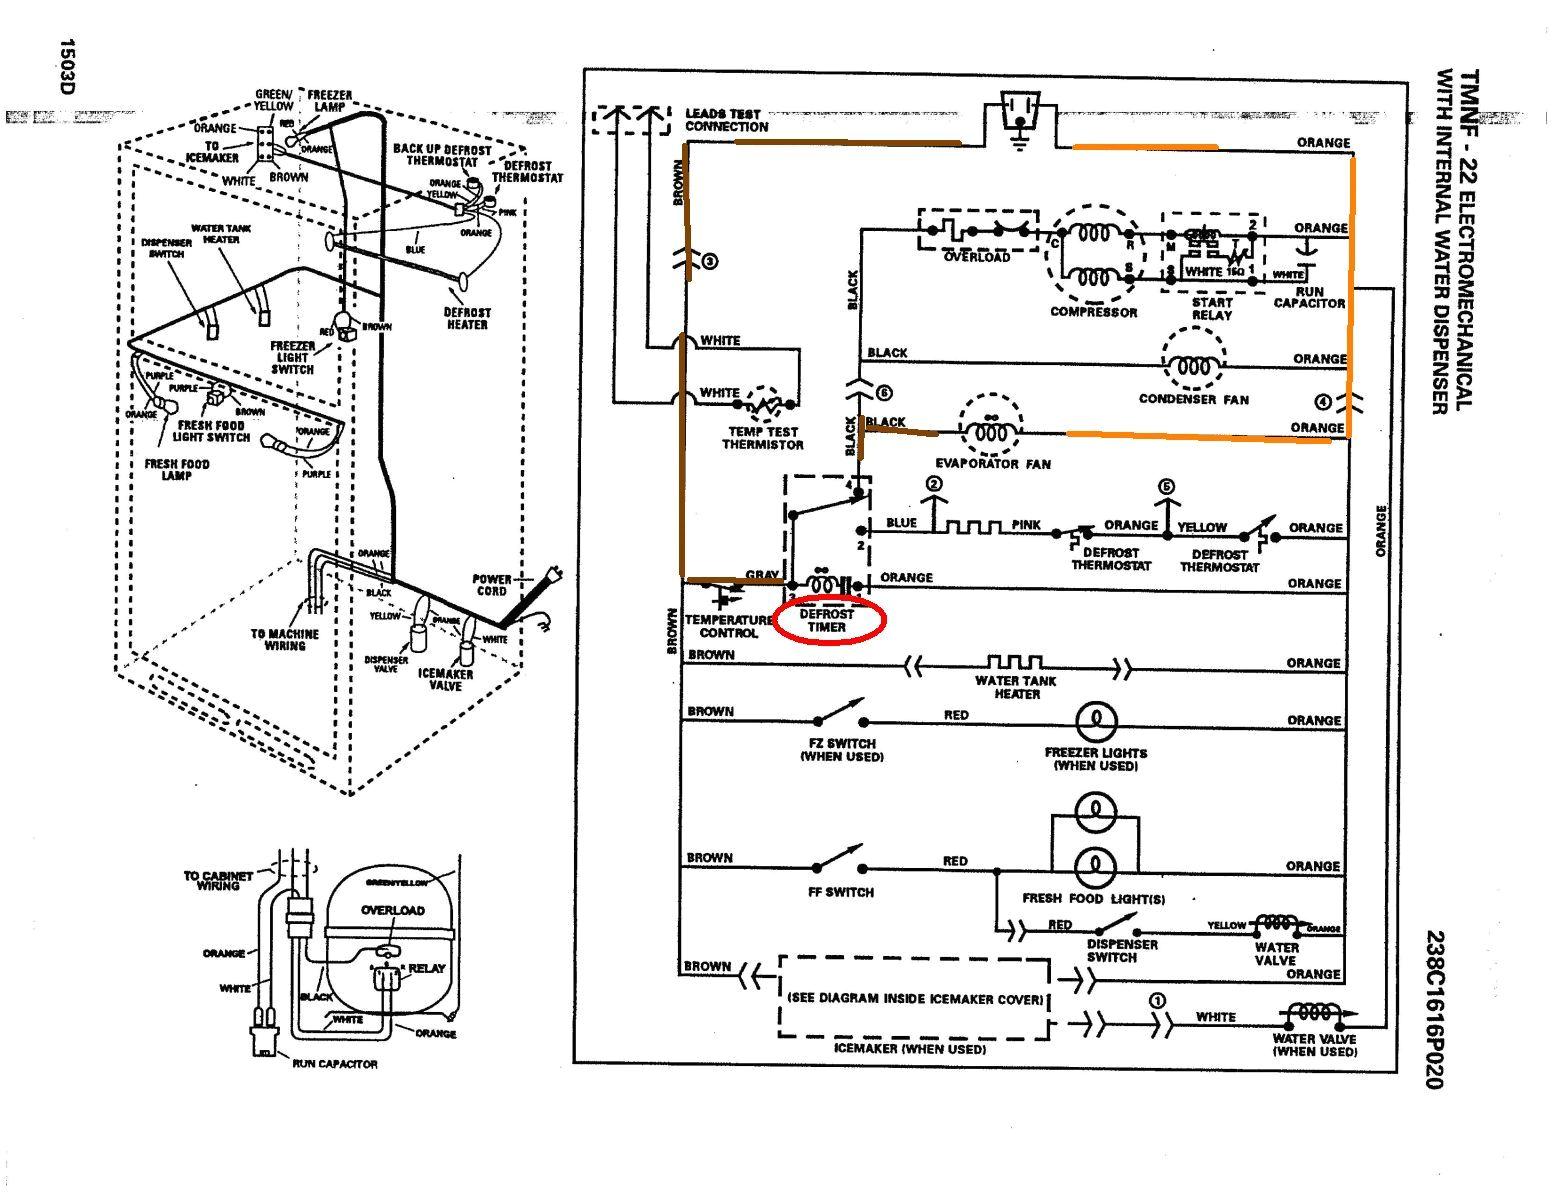 schematic auger wiring whirlpool 2198954 wiring diagram files schematic auger wiring whirlpool 2198954